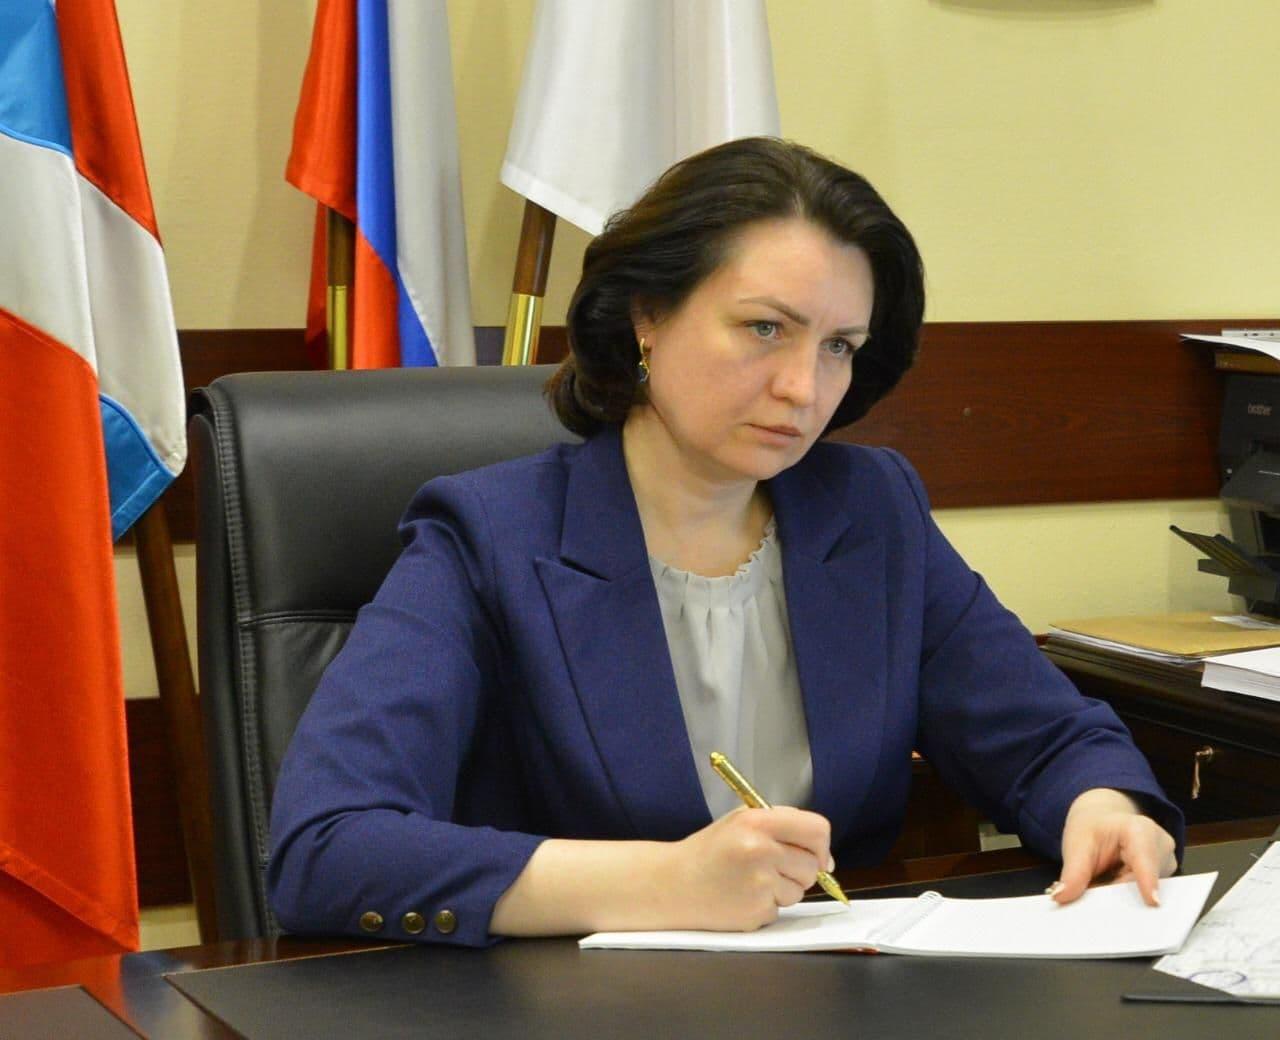 Фадина точно пойдет на выборы в Госдуму #Омск #Общество #Сегодня